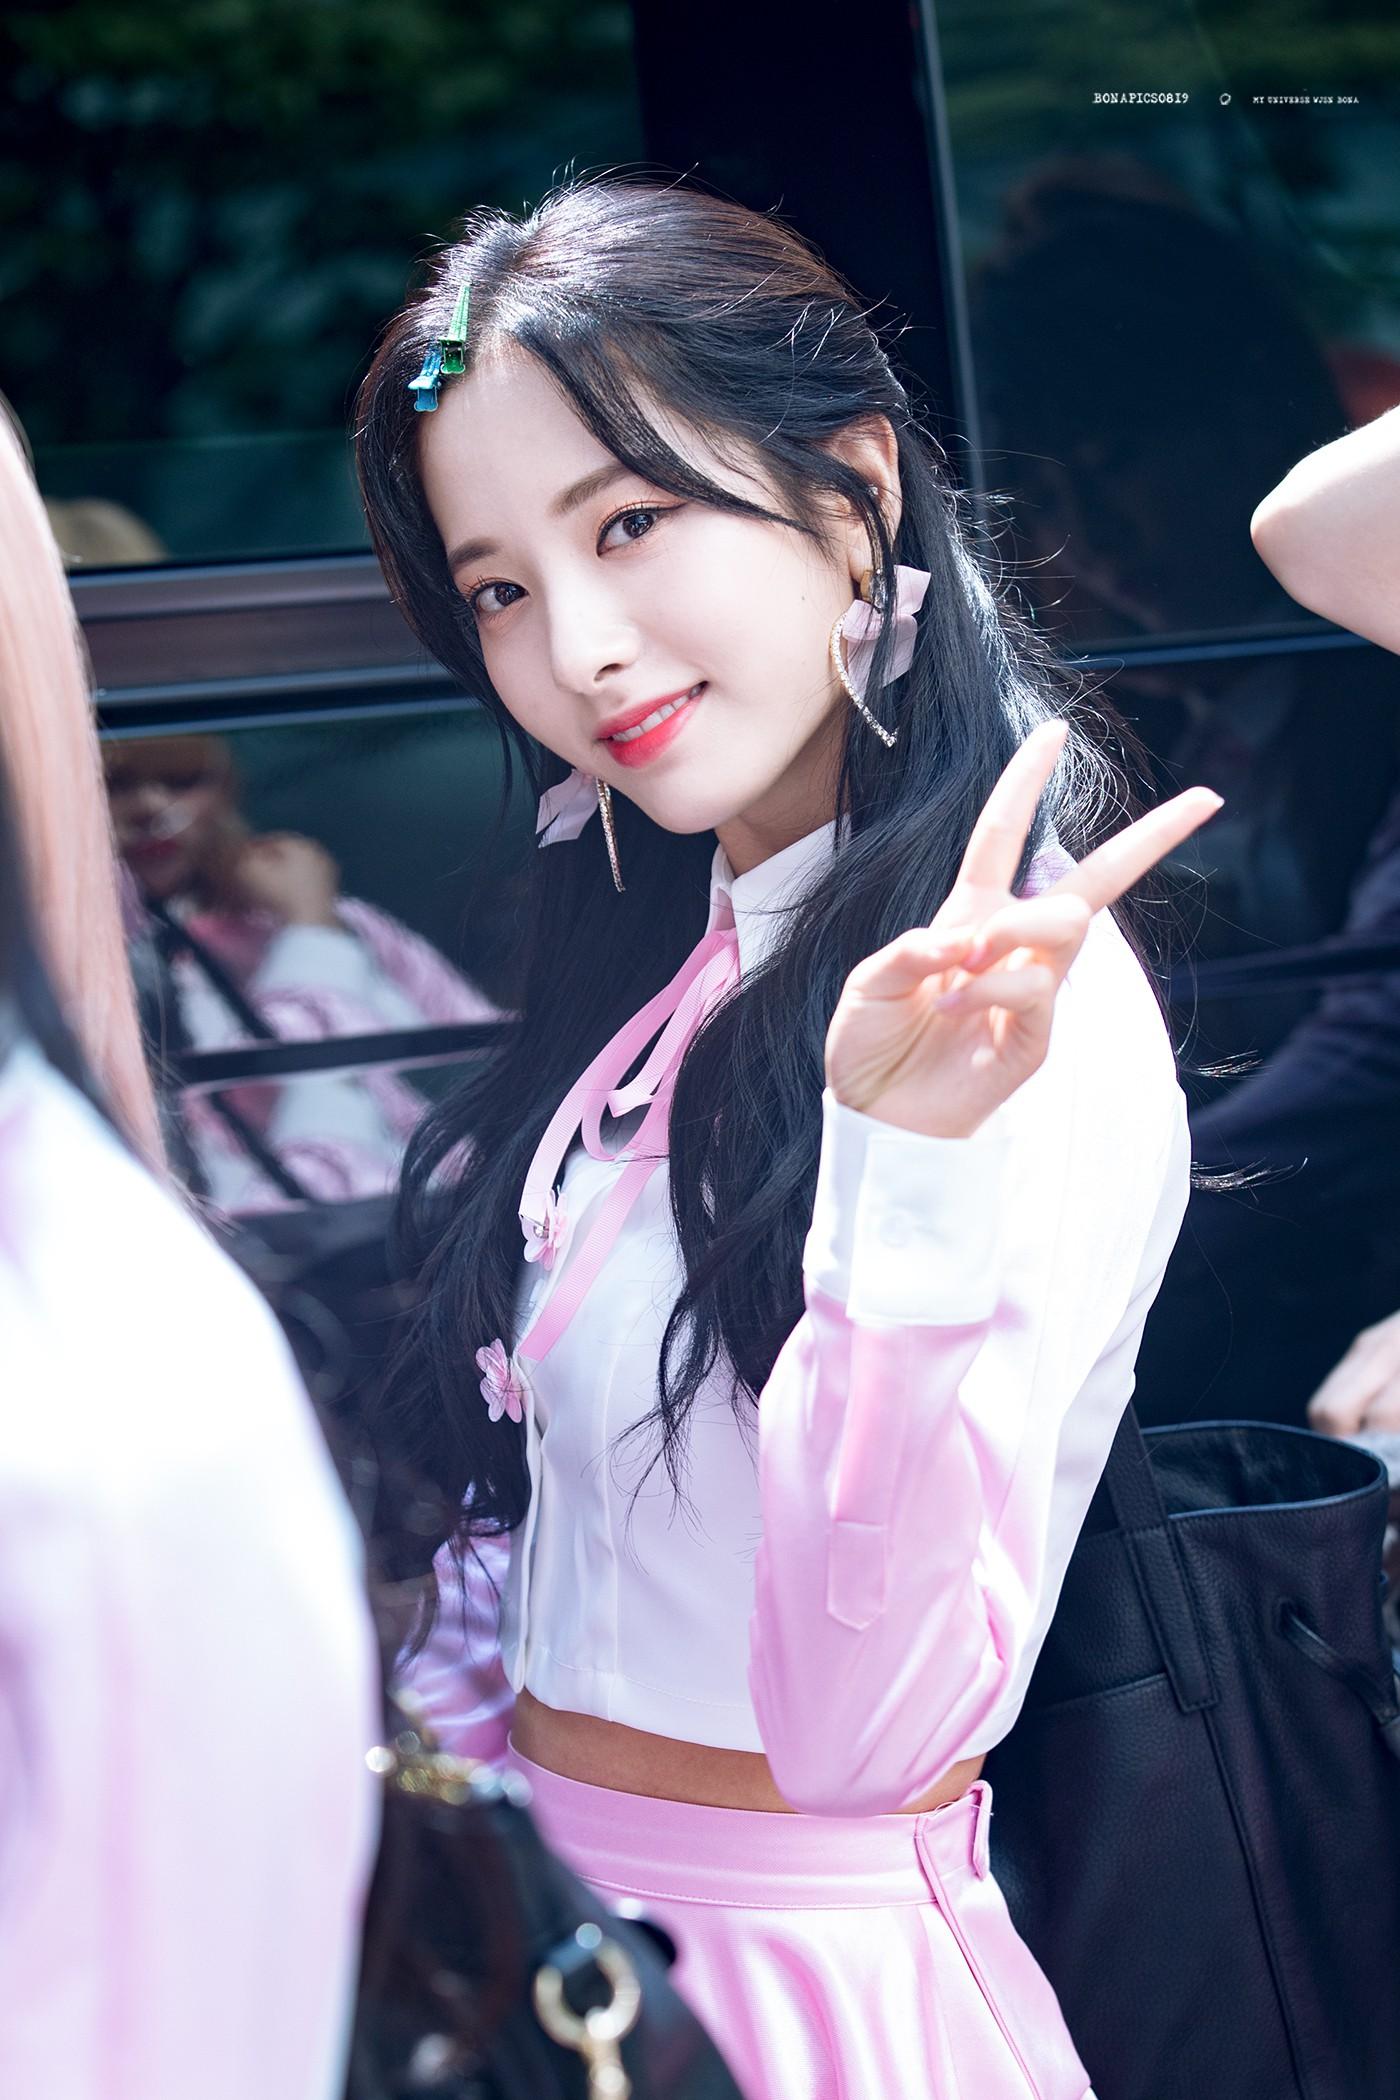 Nam giới Nhật chọn nữ idol đẹp nhất Kpop: TWICE, Black Pink đều có mặt nhưng không bì được nữ thần nhan sắc này - Ảnh 23.